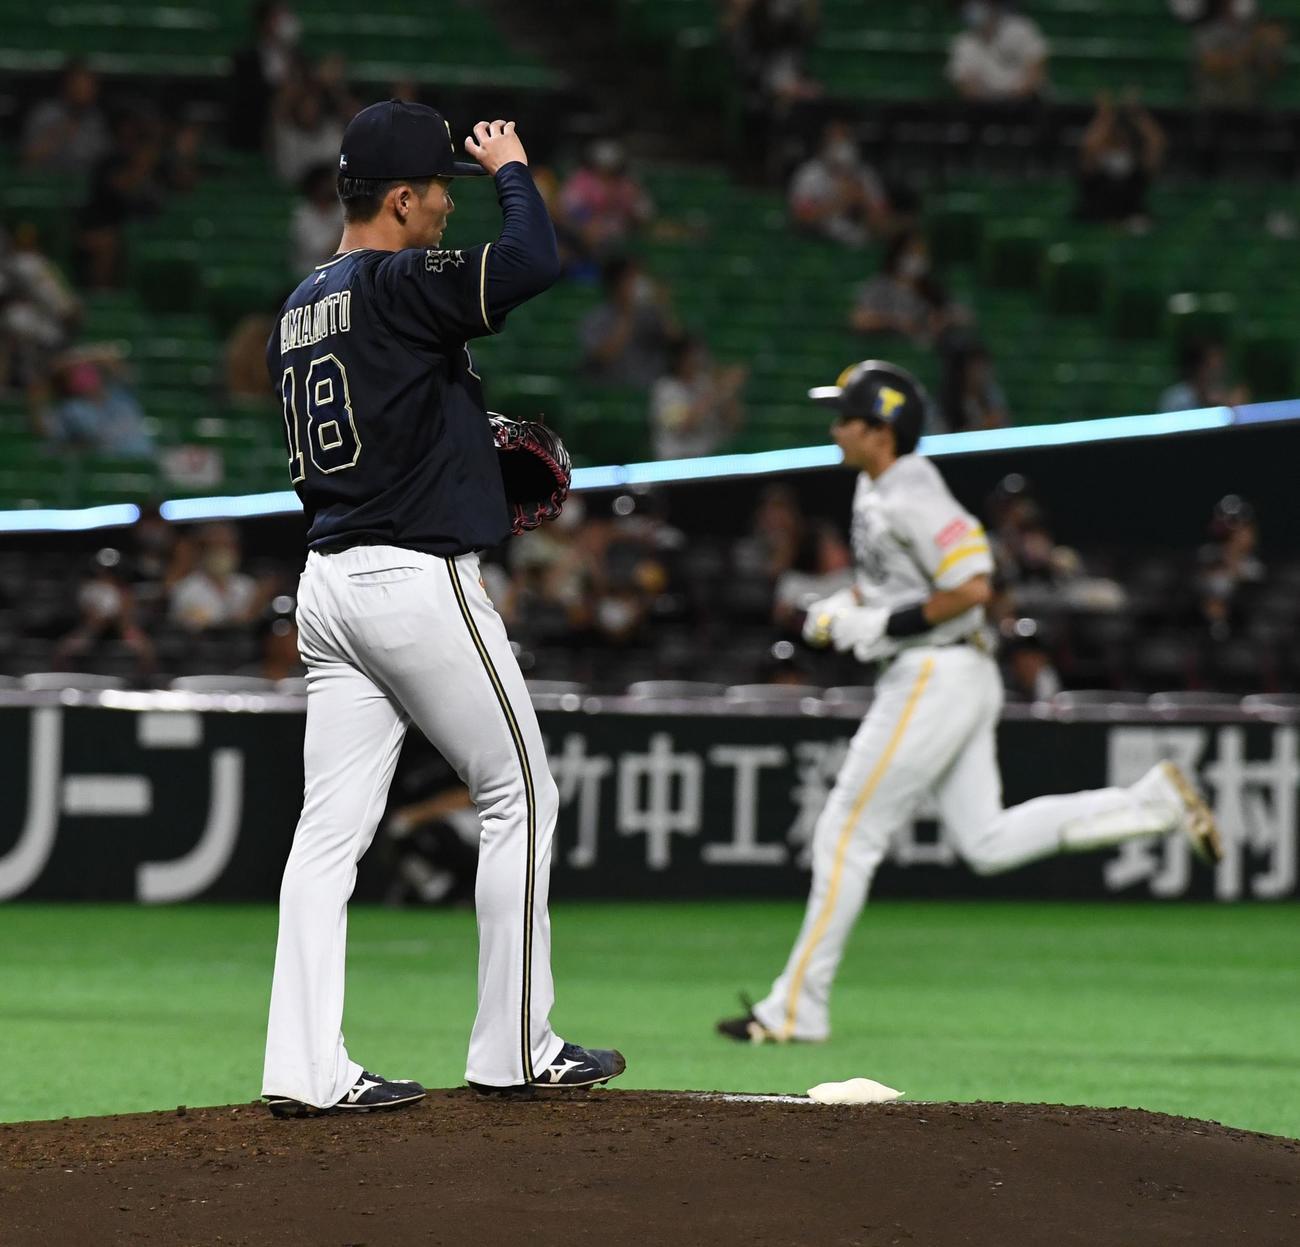 ソフトバンク対オリックス 2回裏ソフトバンク2死二塁、先発の山本は柳田に2点本塁打を浴びる(撮影・今浪浩三)